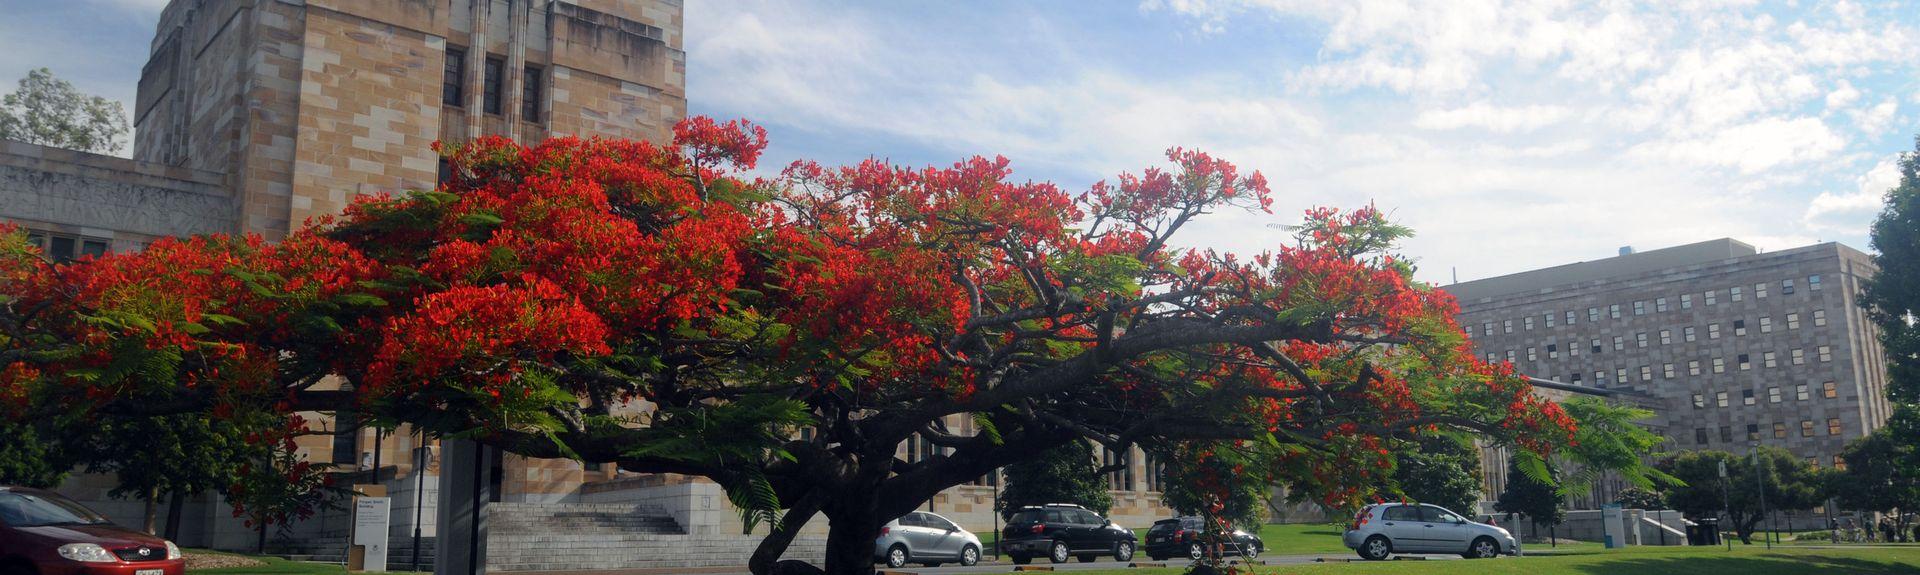 St. Lucia, Brisbane, Queensland, Australië